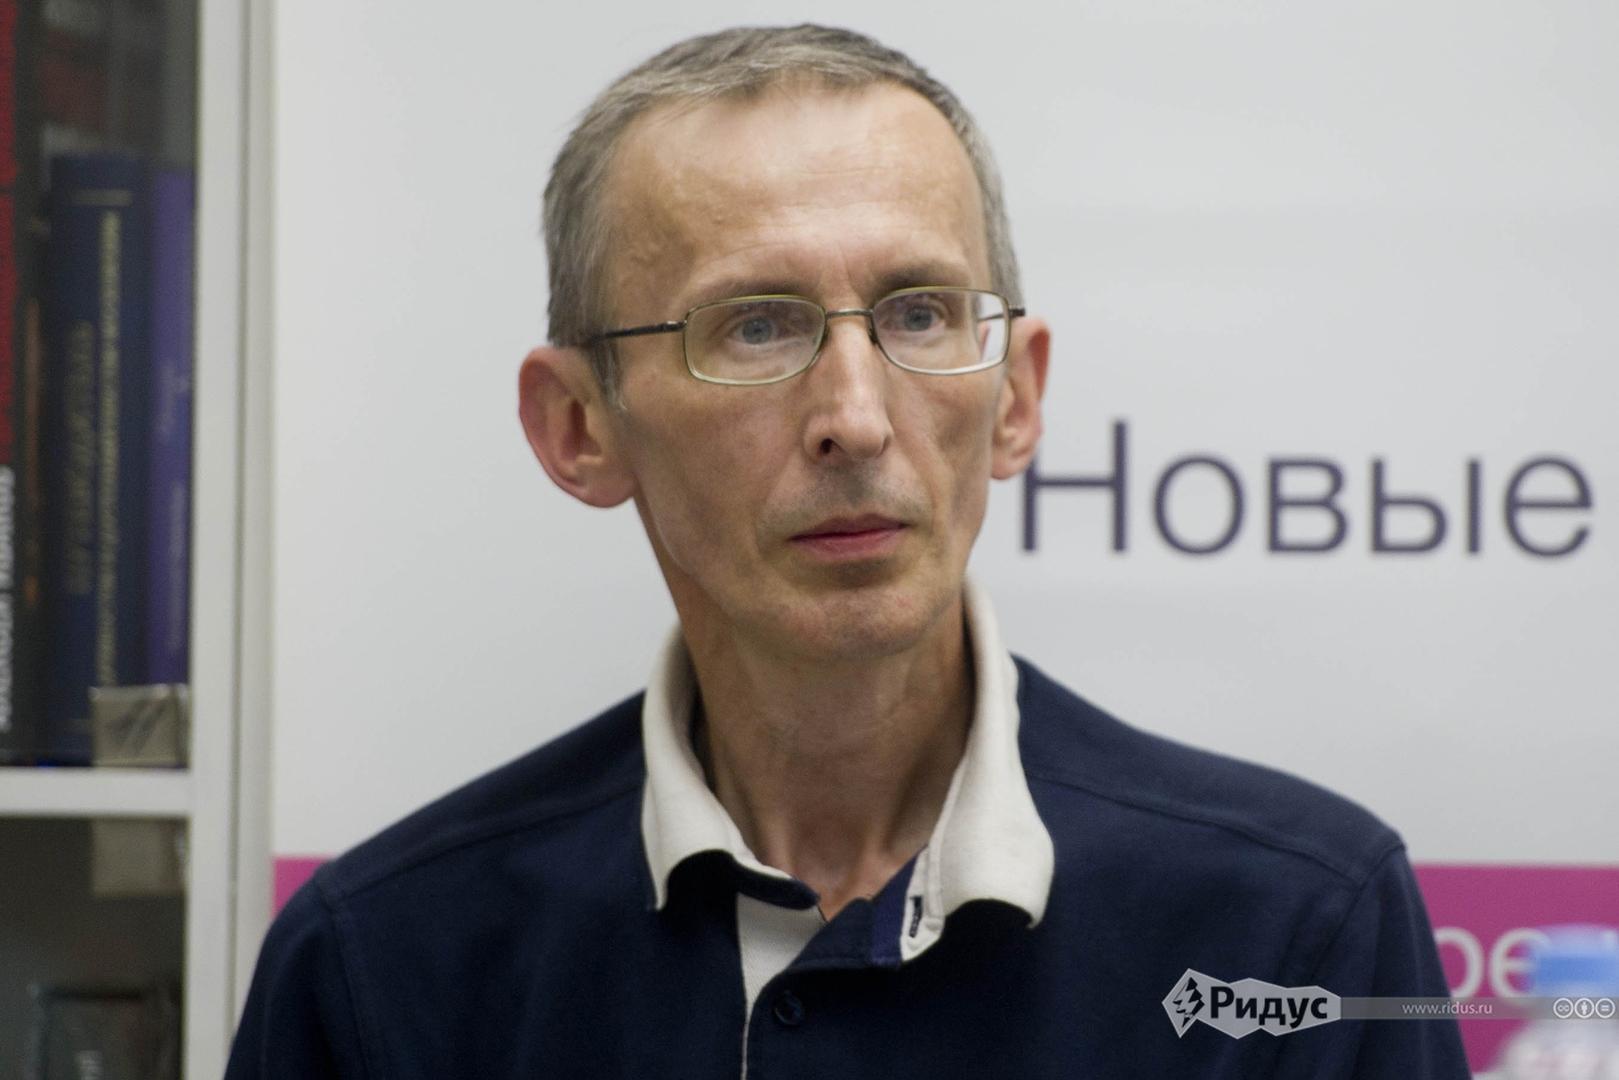 """""""Сковородка под задом уже подпекает"""", - Эль Мюрид сказал, на что пошел Путин, чтобы остаться у власти"""